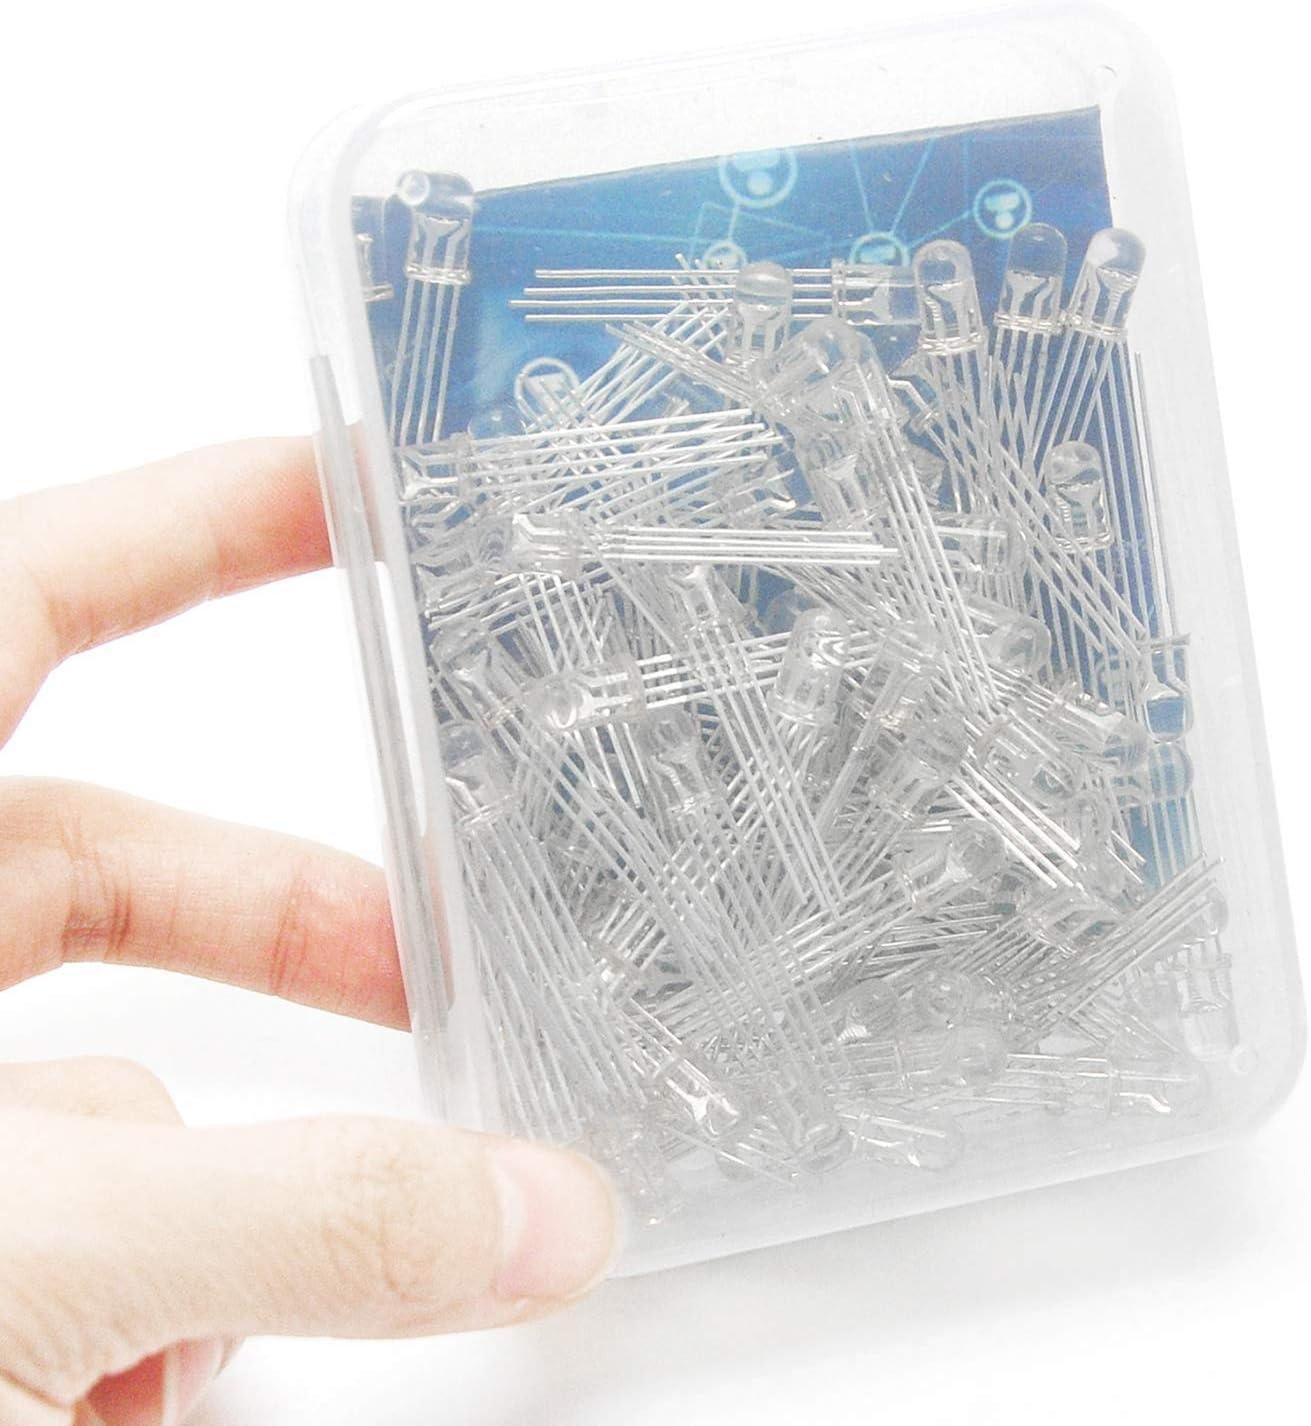 Gikfun EK1443U LED-Anode f/ür Arduino DIY Packung mit 100 St/ück